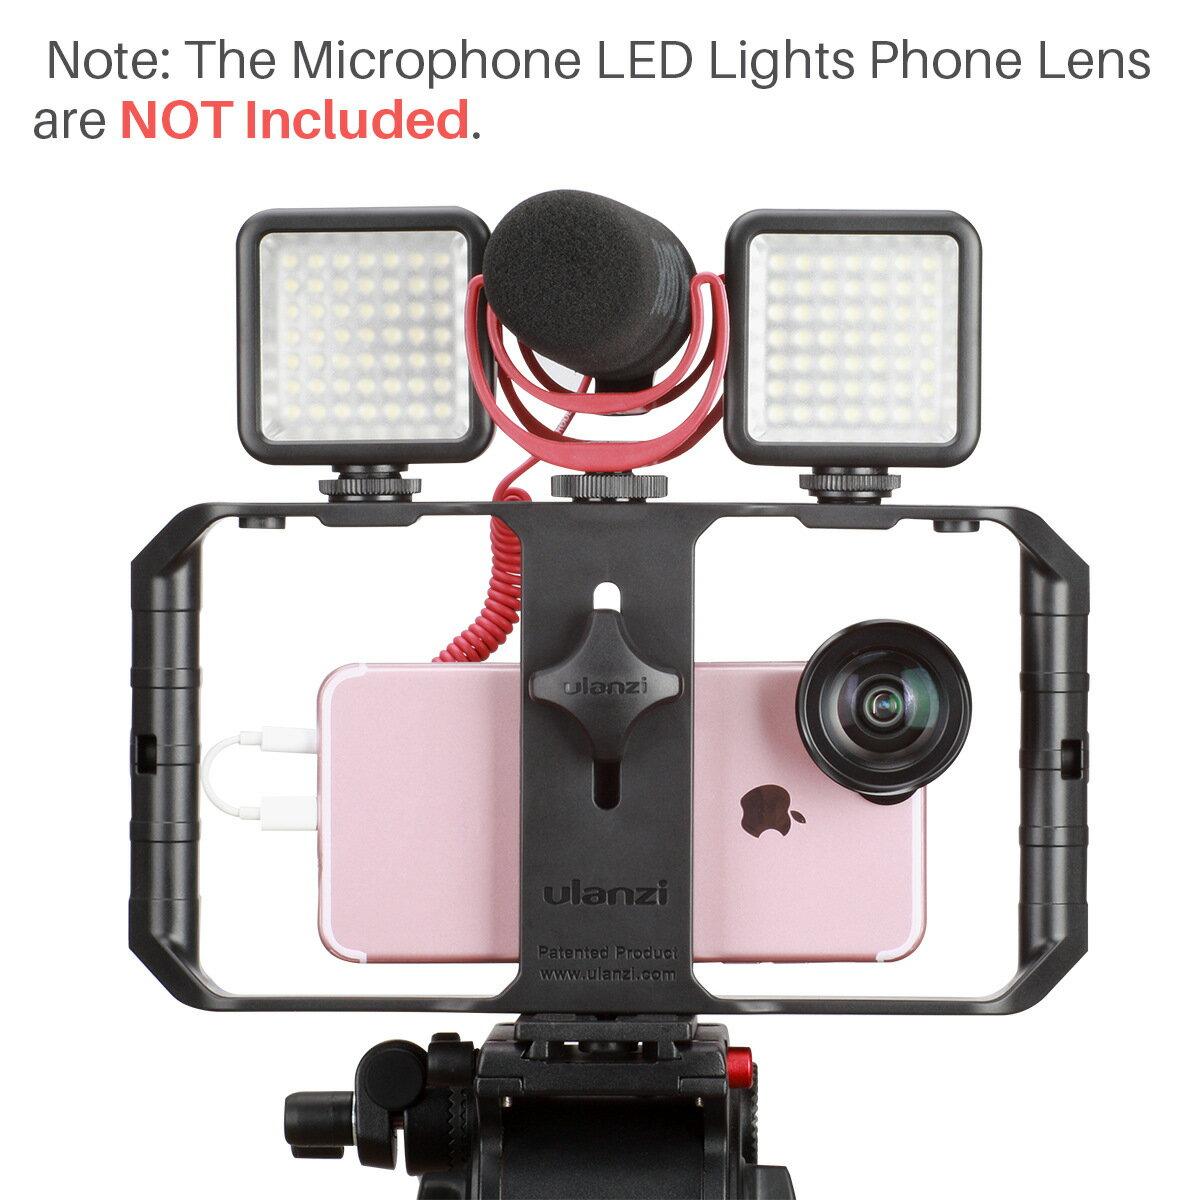 [享樂攝影]ulanzi U-Rig Pro 三熱靴座 手機錄影穩定支架 手機直播穩定器 可擴充麥克風/LED燈/補光燈 含3個1/4吋螺絲孔 冷靴